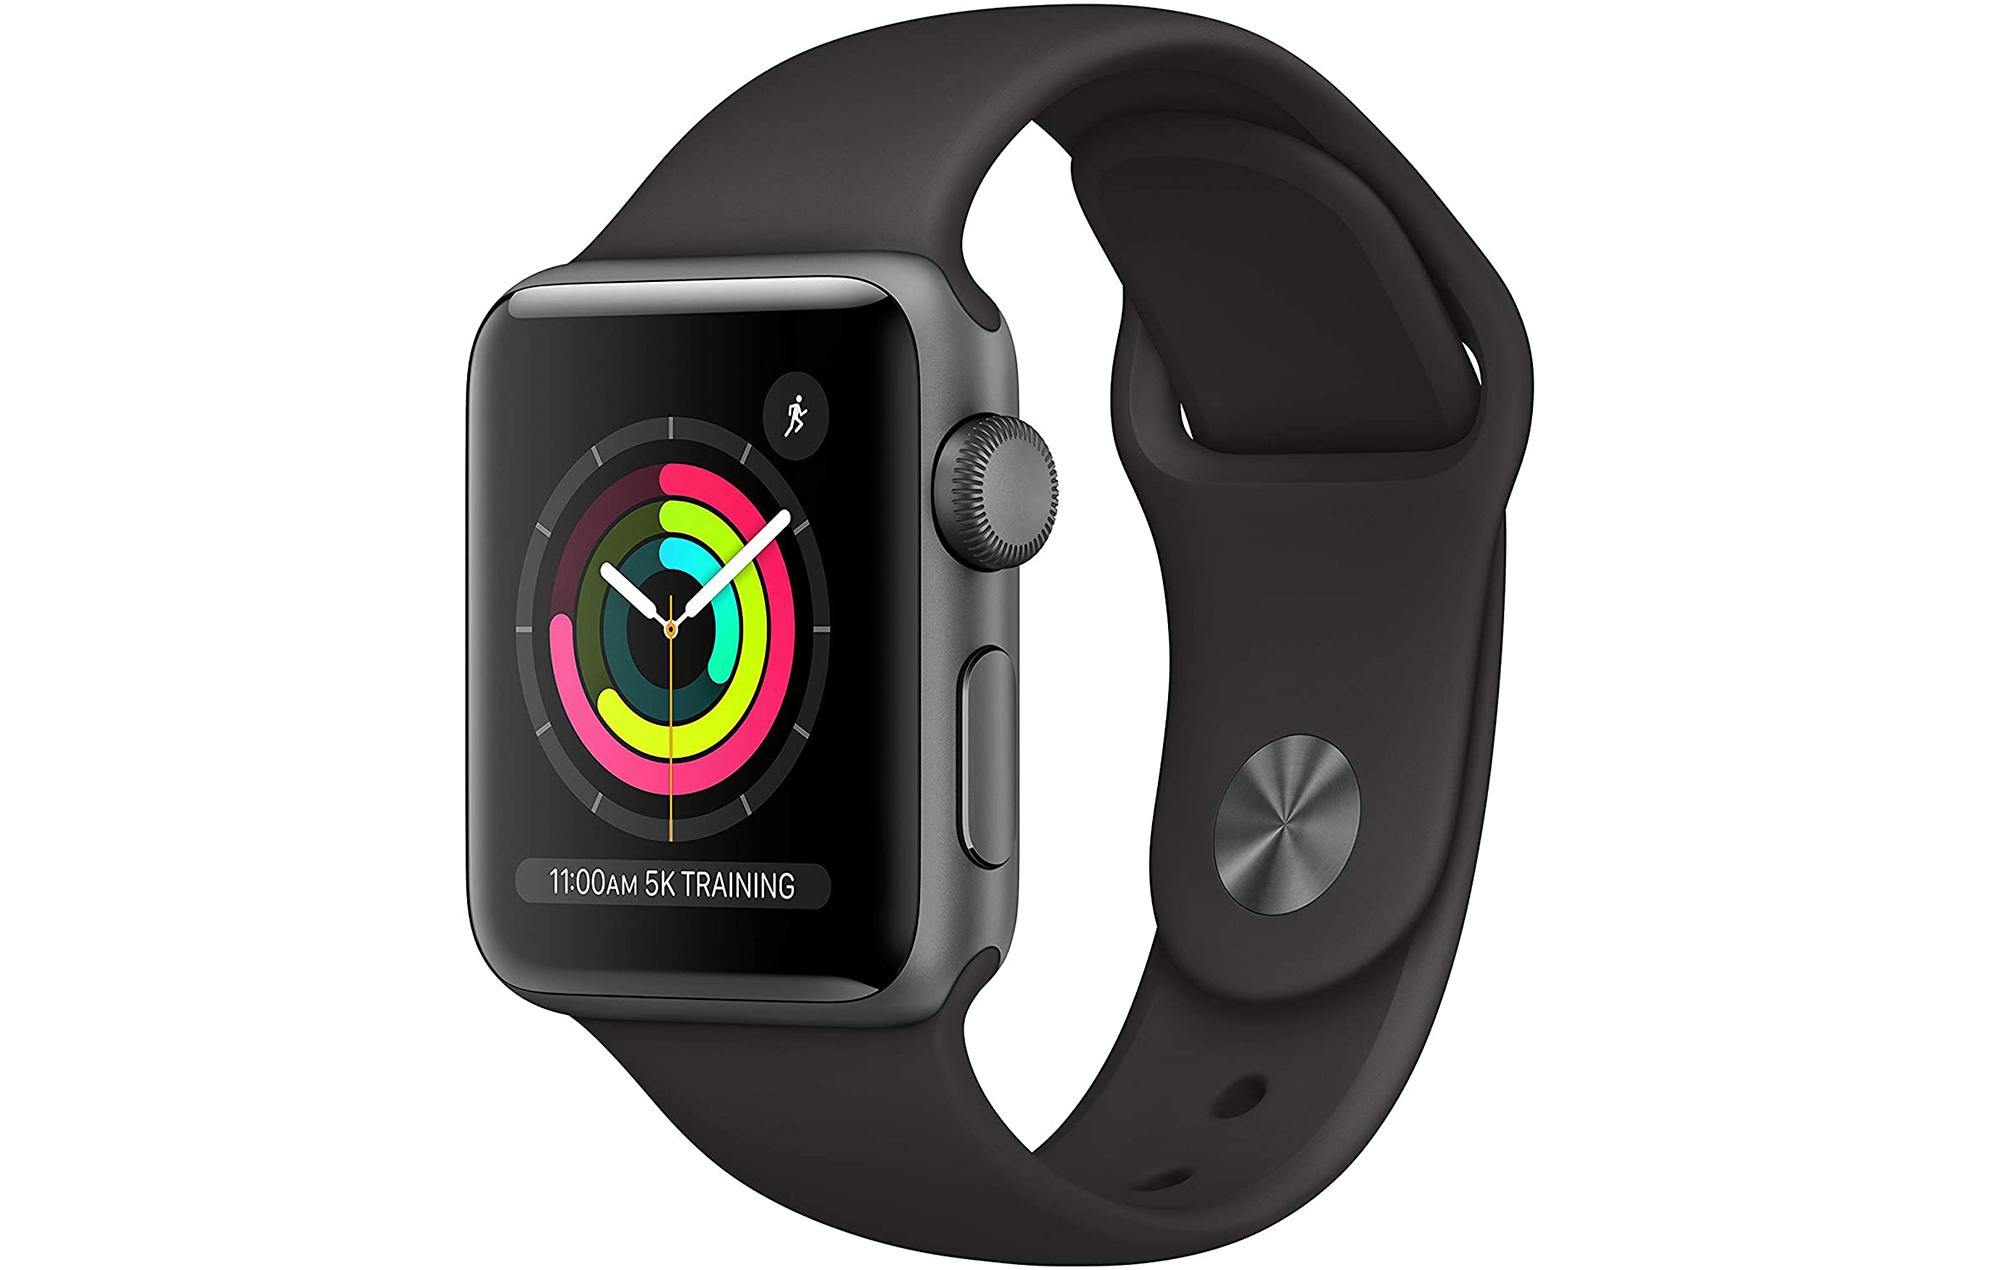 apple watch series 3 black